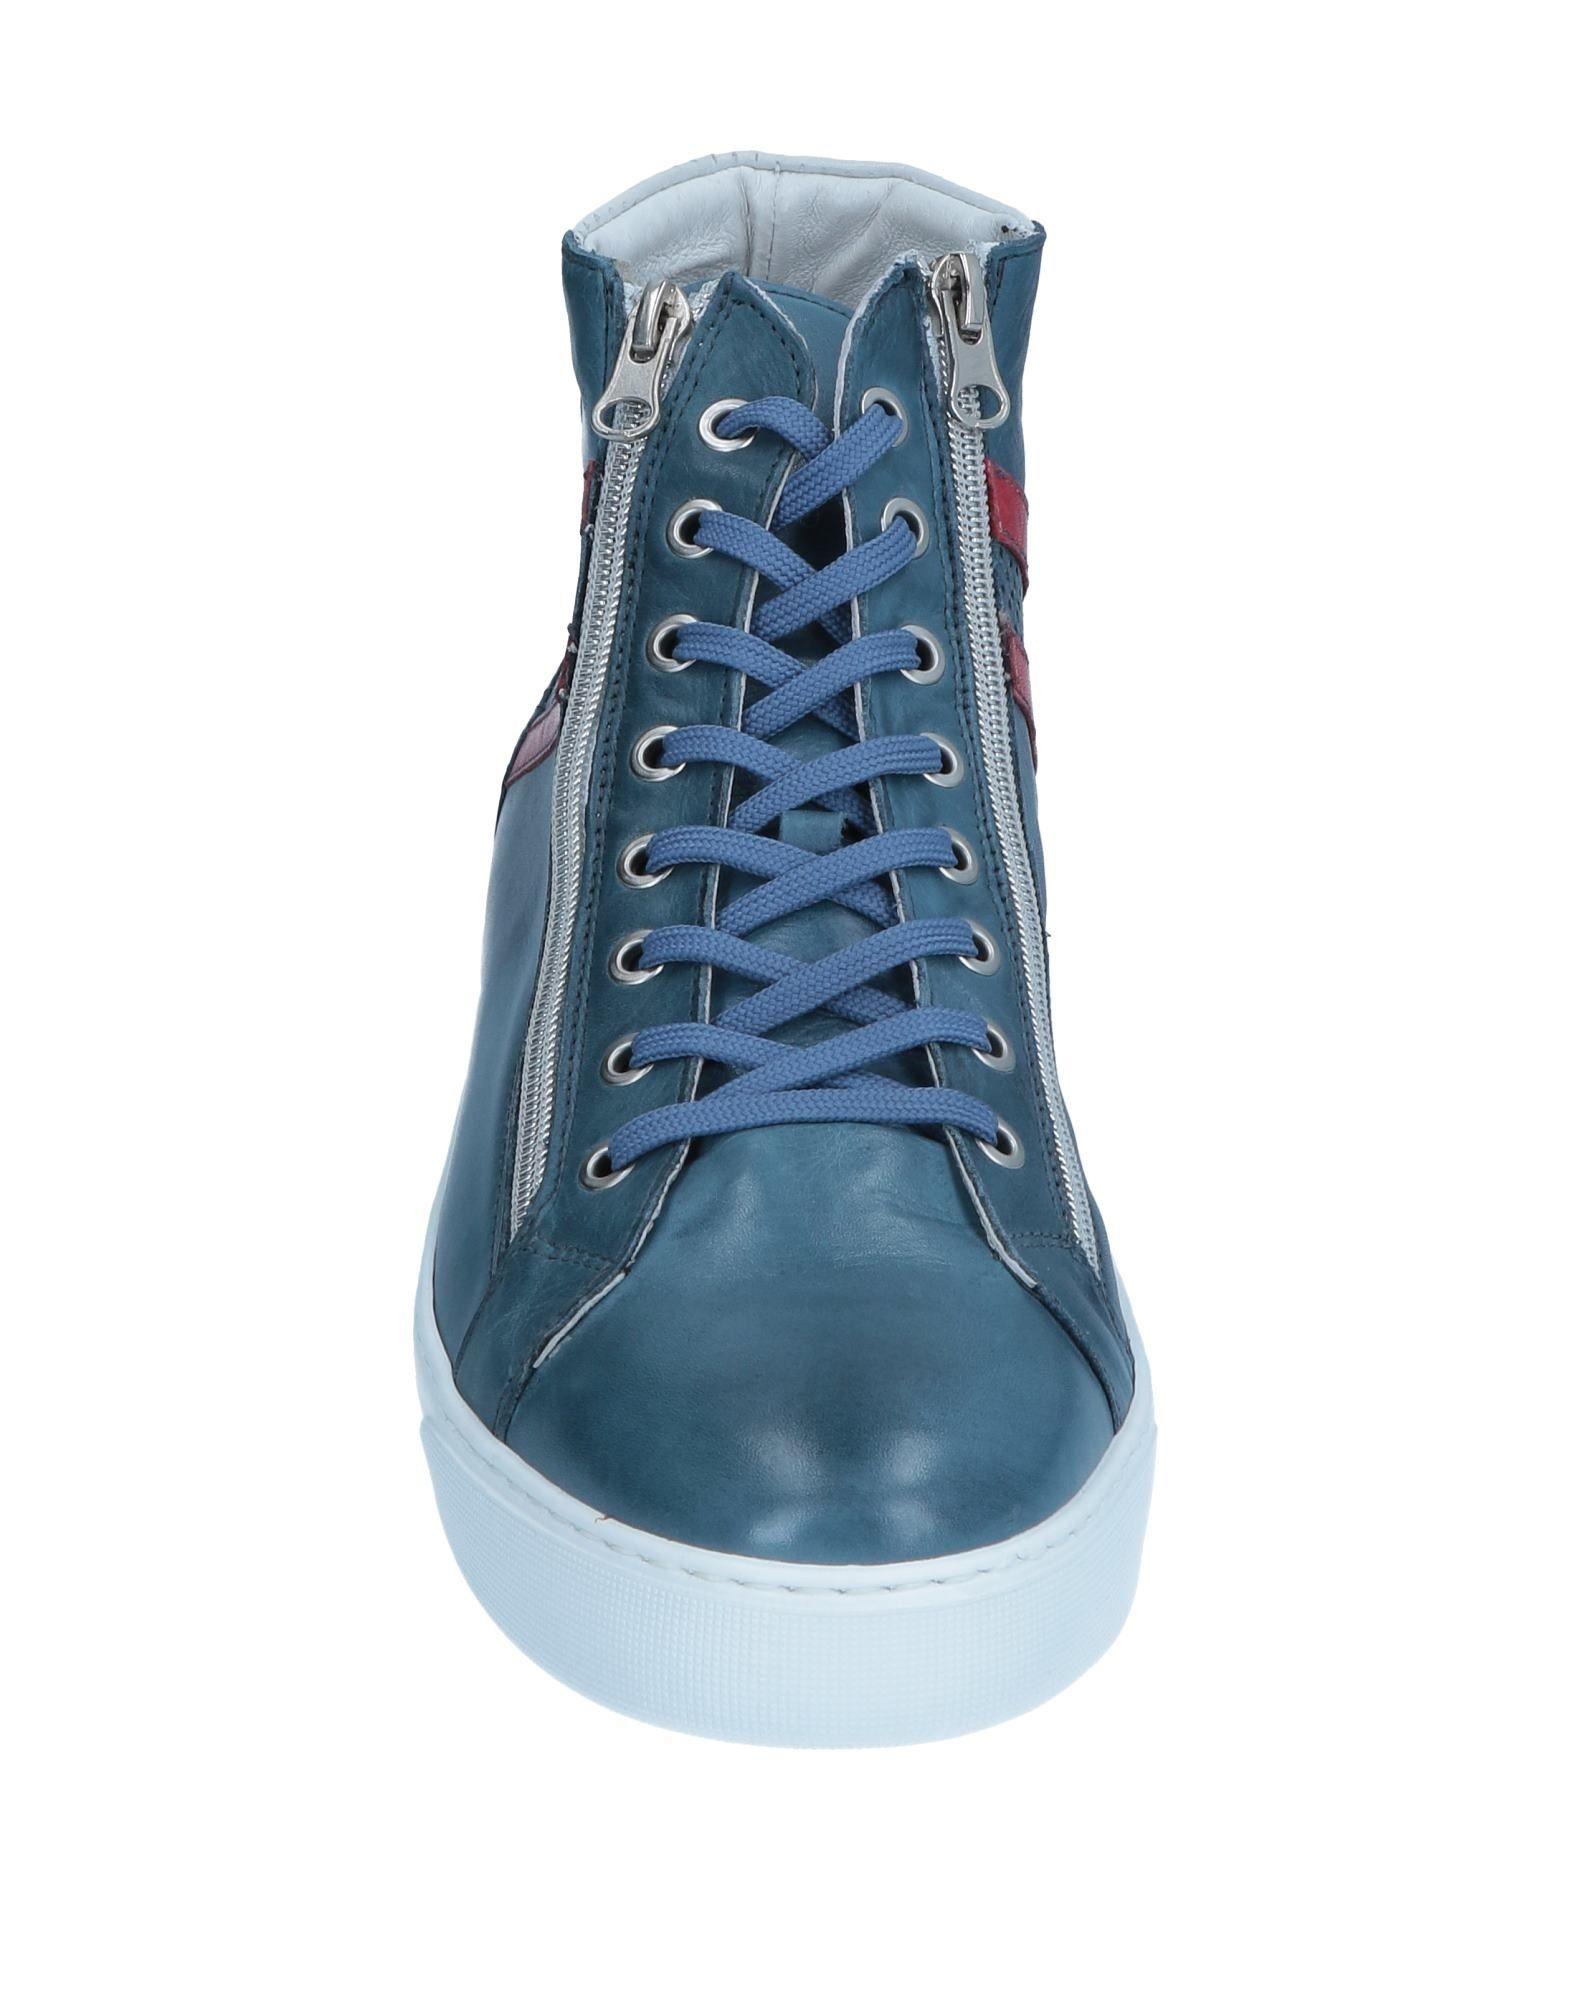 Rabatt Schuhe echte Schuhe Rabatt Exton Sneakers Herren  11545817EE 2f9bc8